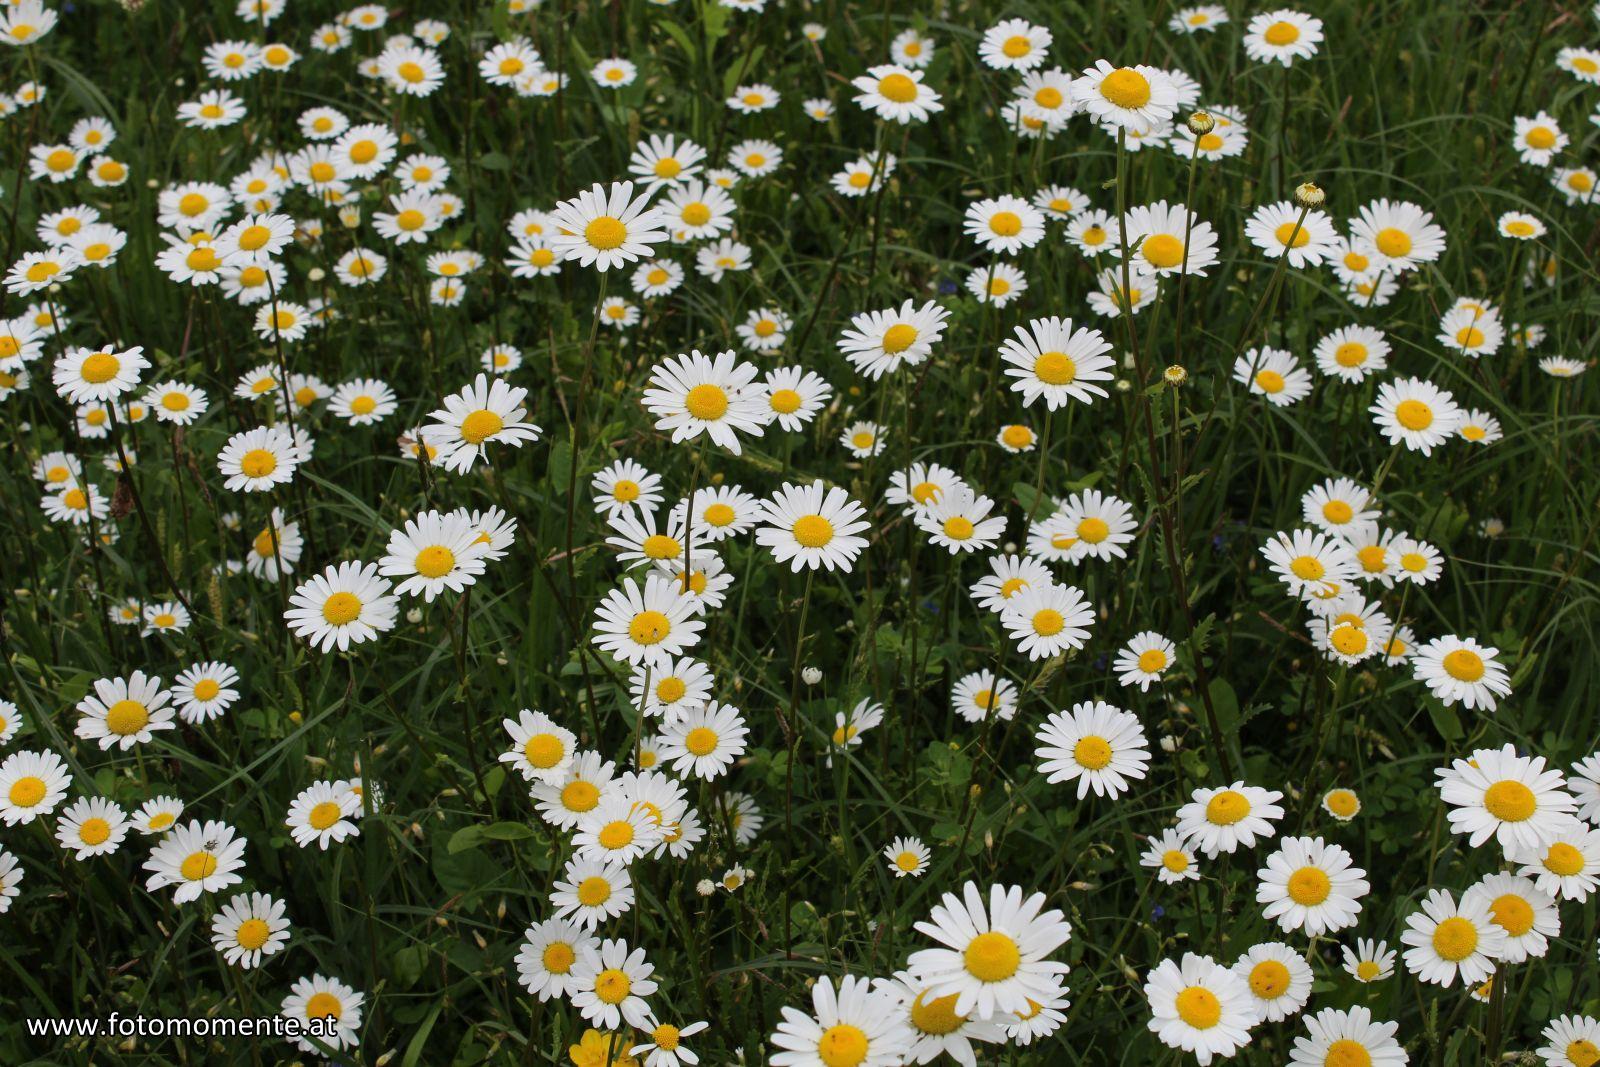 gaensebluemchen - Margeritenwiese